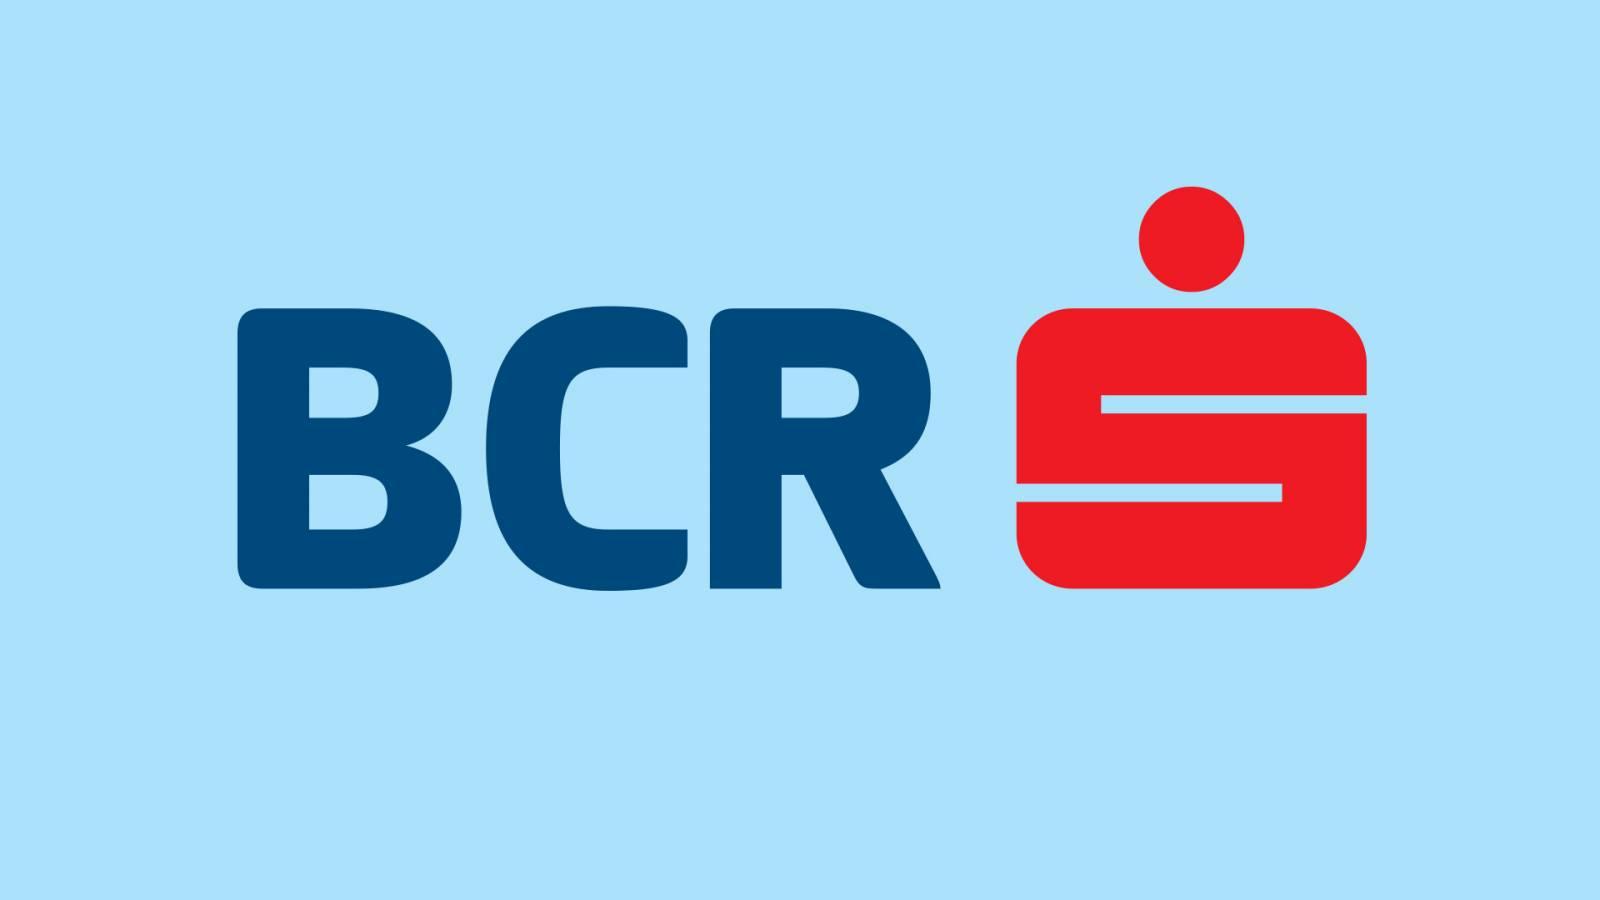 BCR Romania protectie